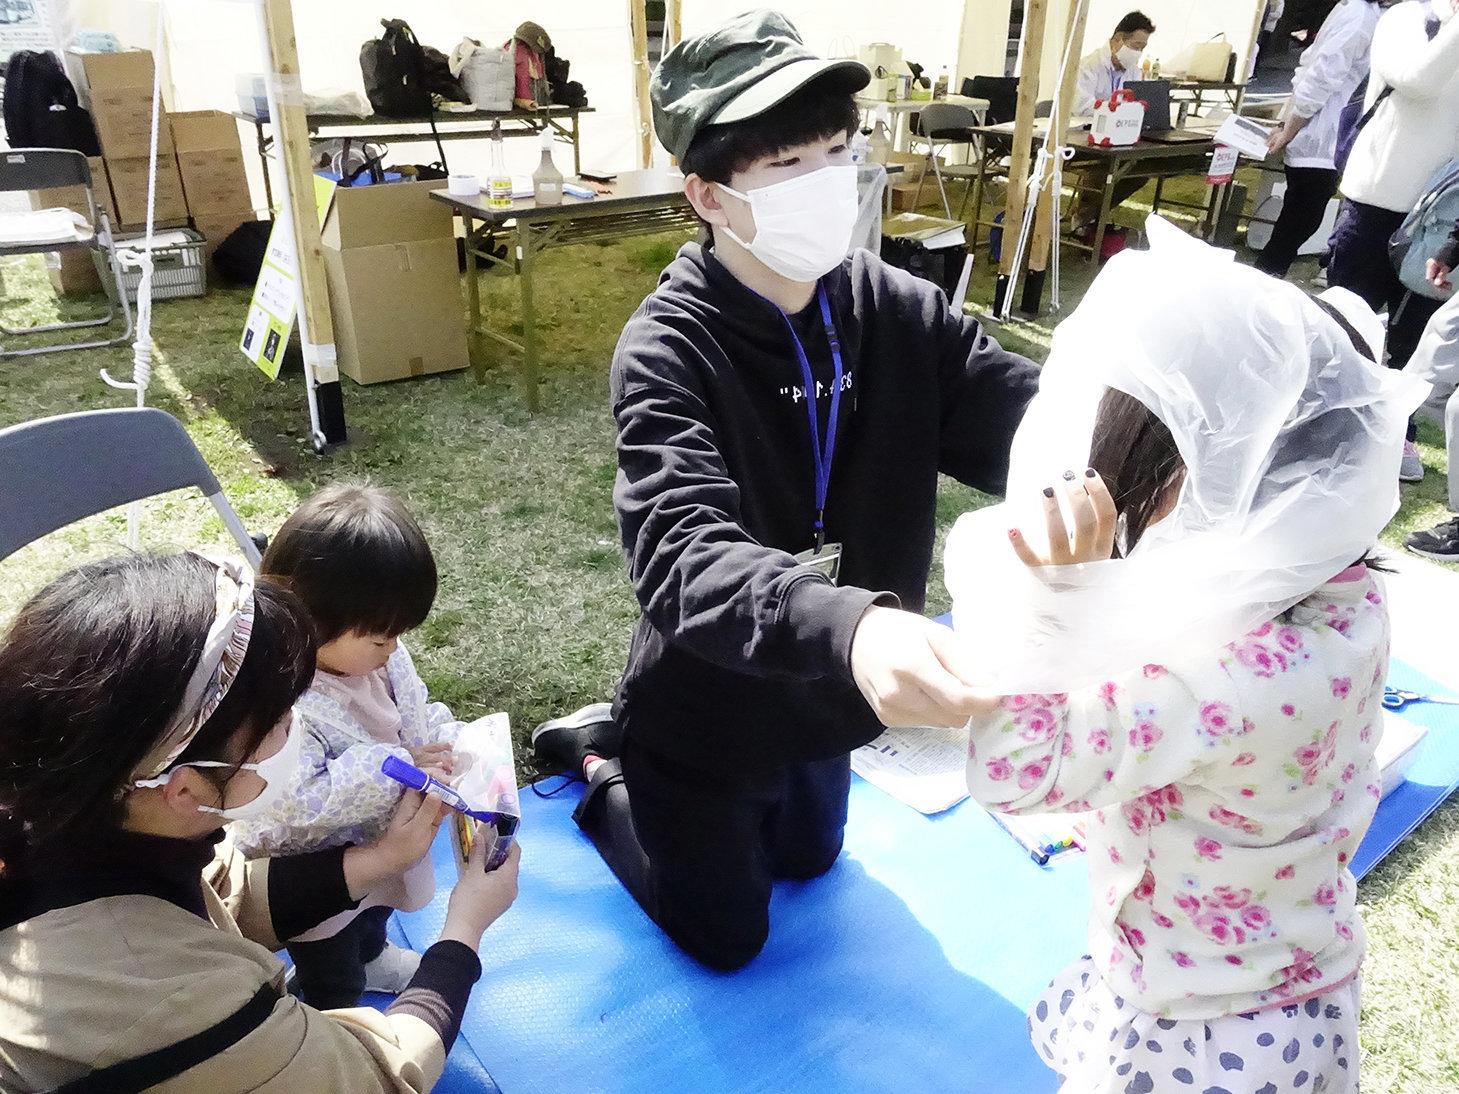 ゴミ袋を活用した防寒具の作り方を紹介する静岡大学学生防災ネットワークのメンバー(右から2人目)